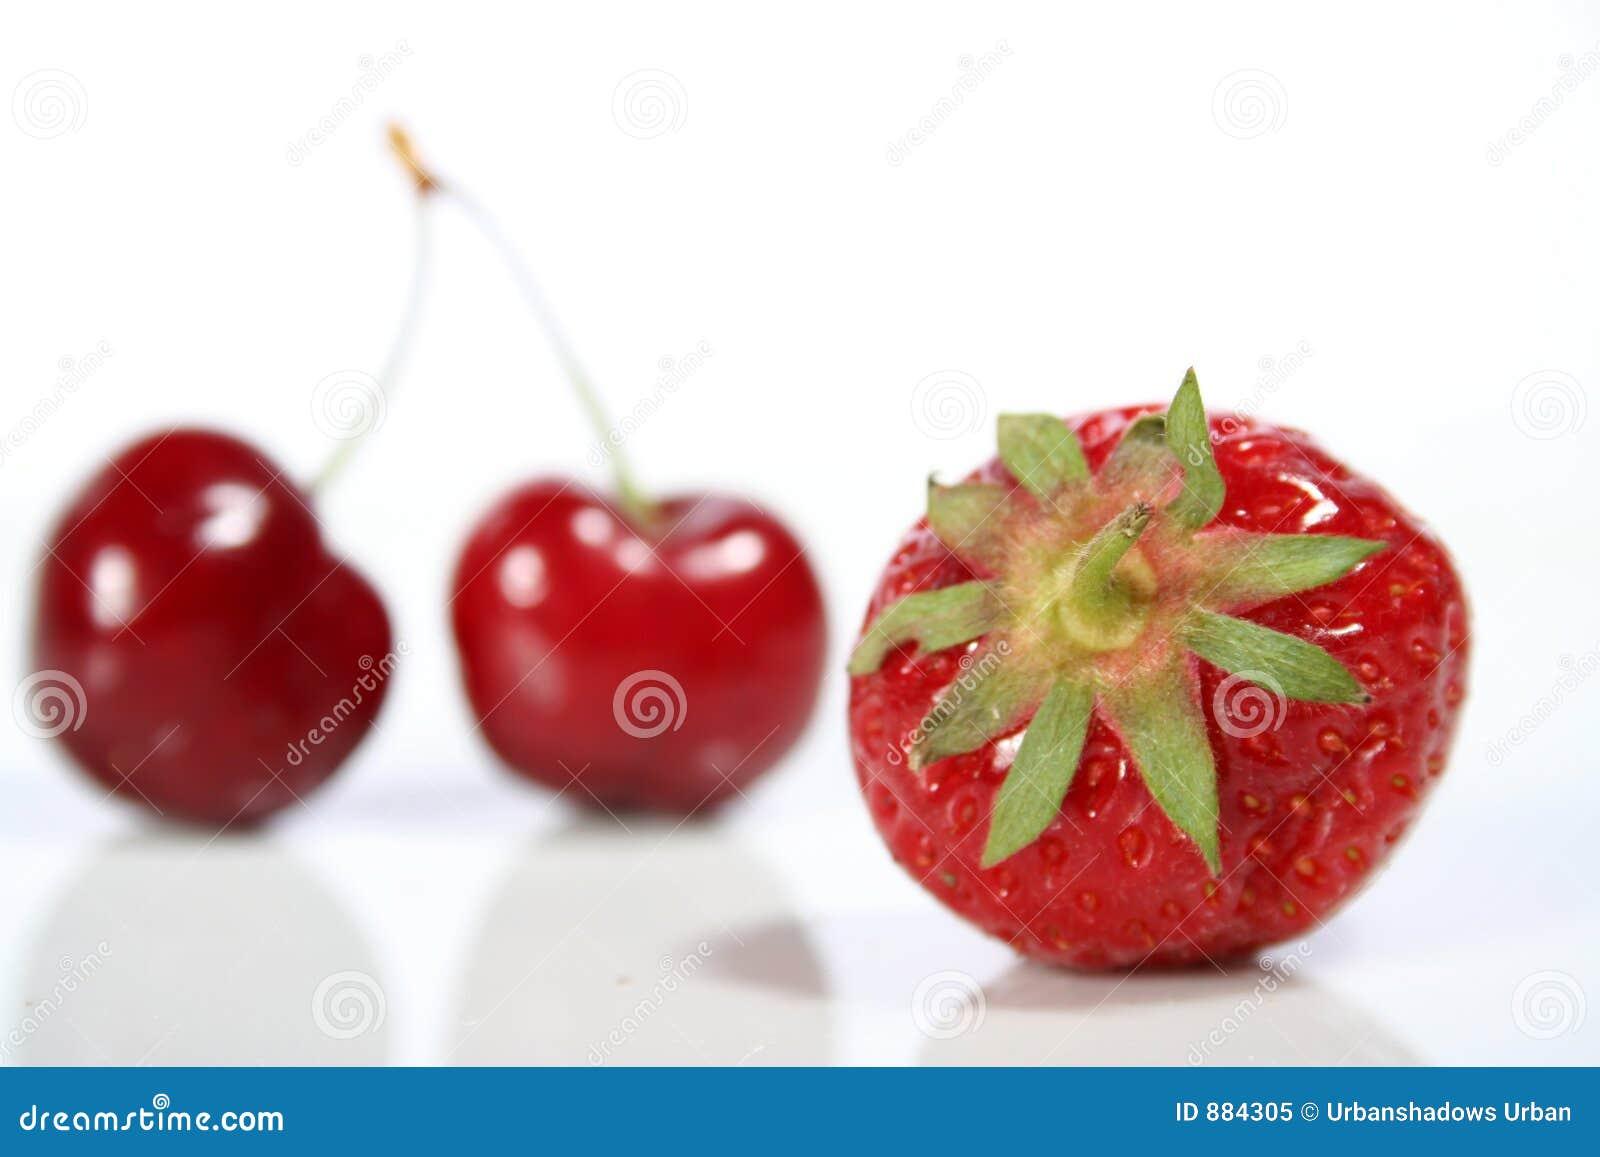 Wymieszać owocowych